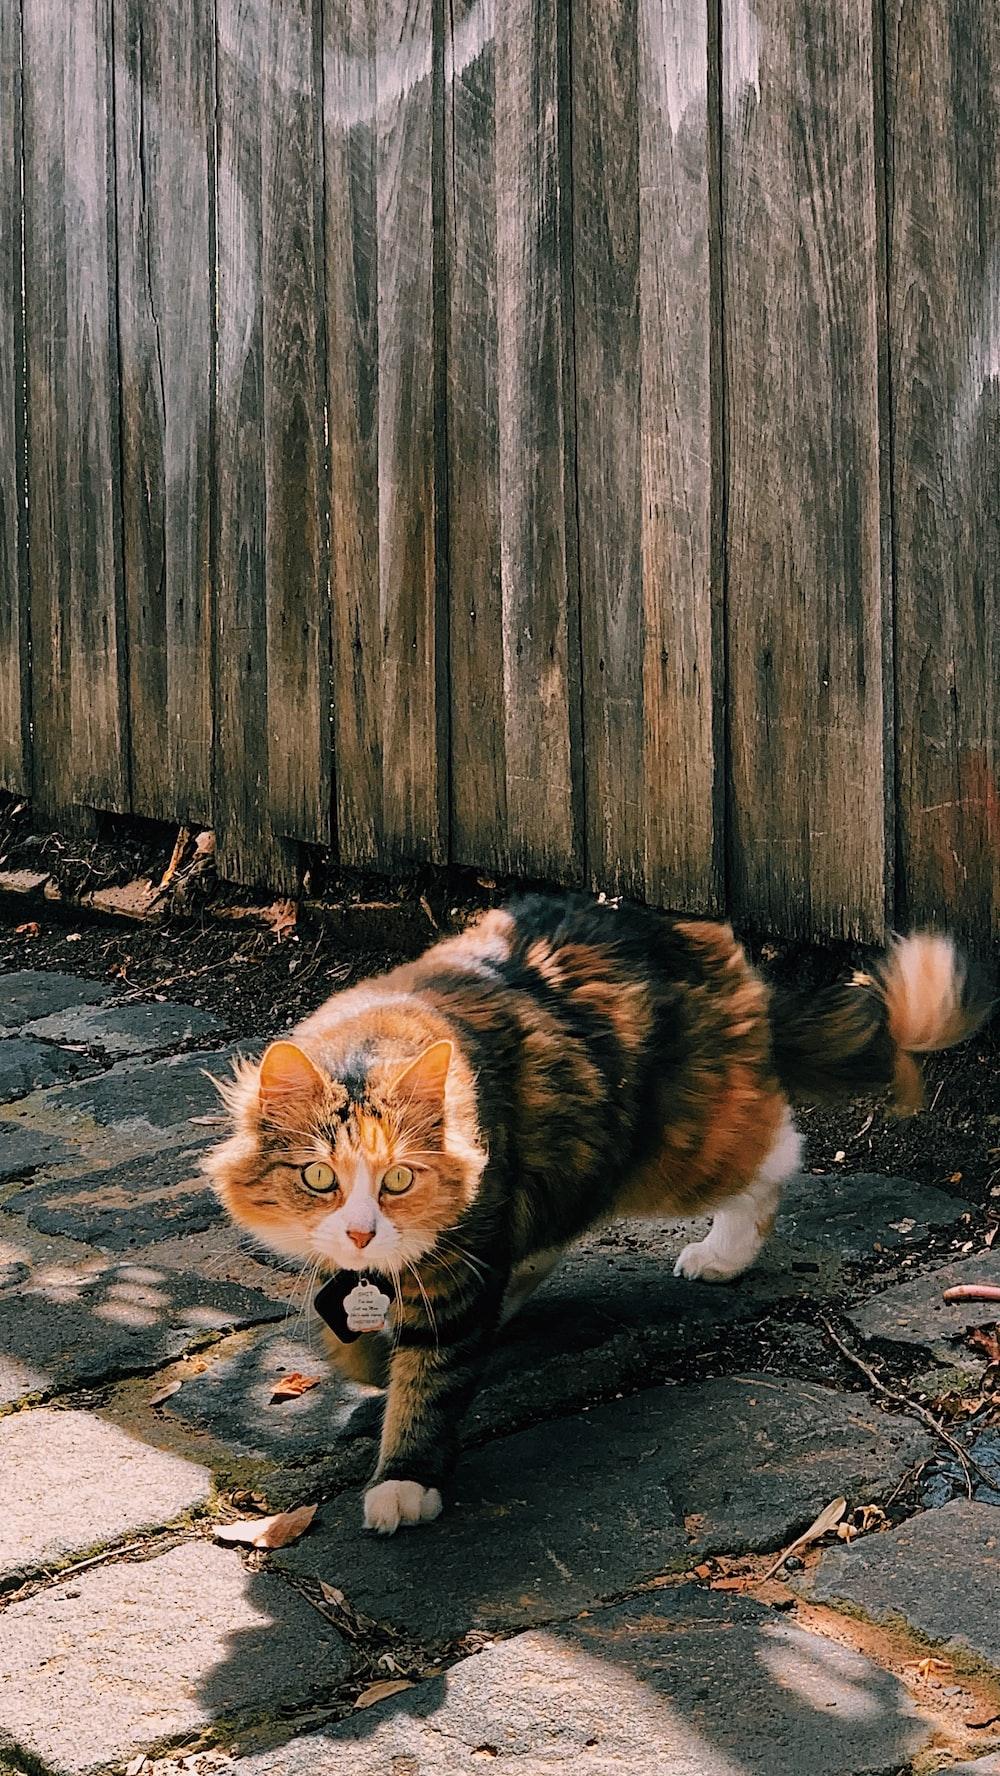 orange and black cat on brown wooden floor